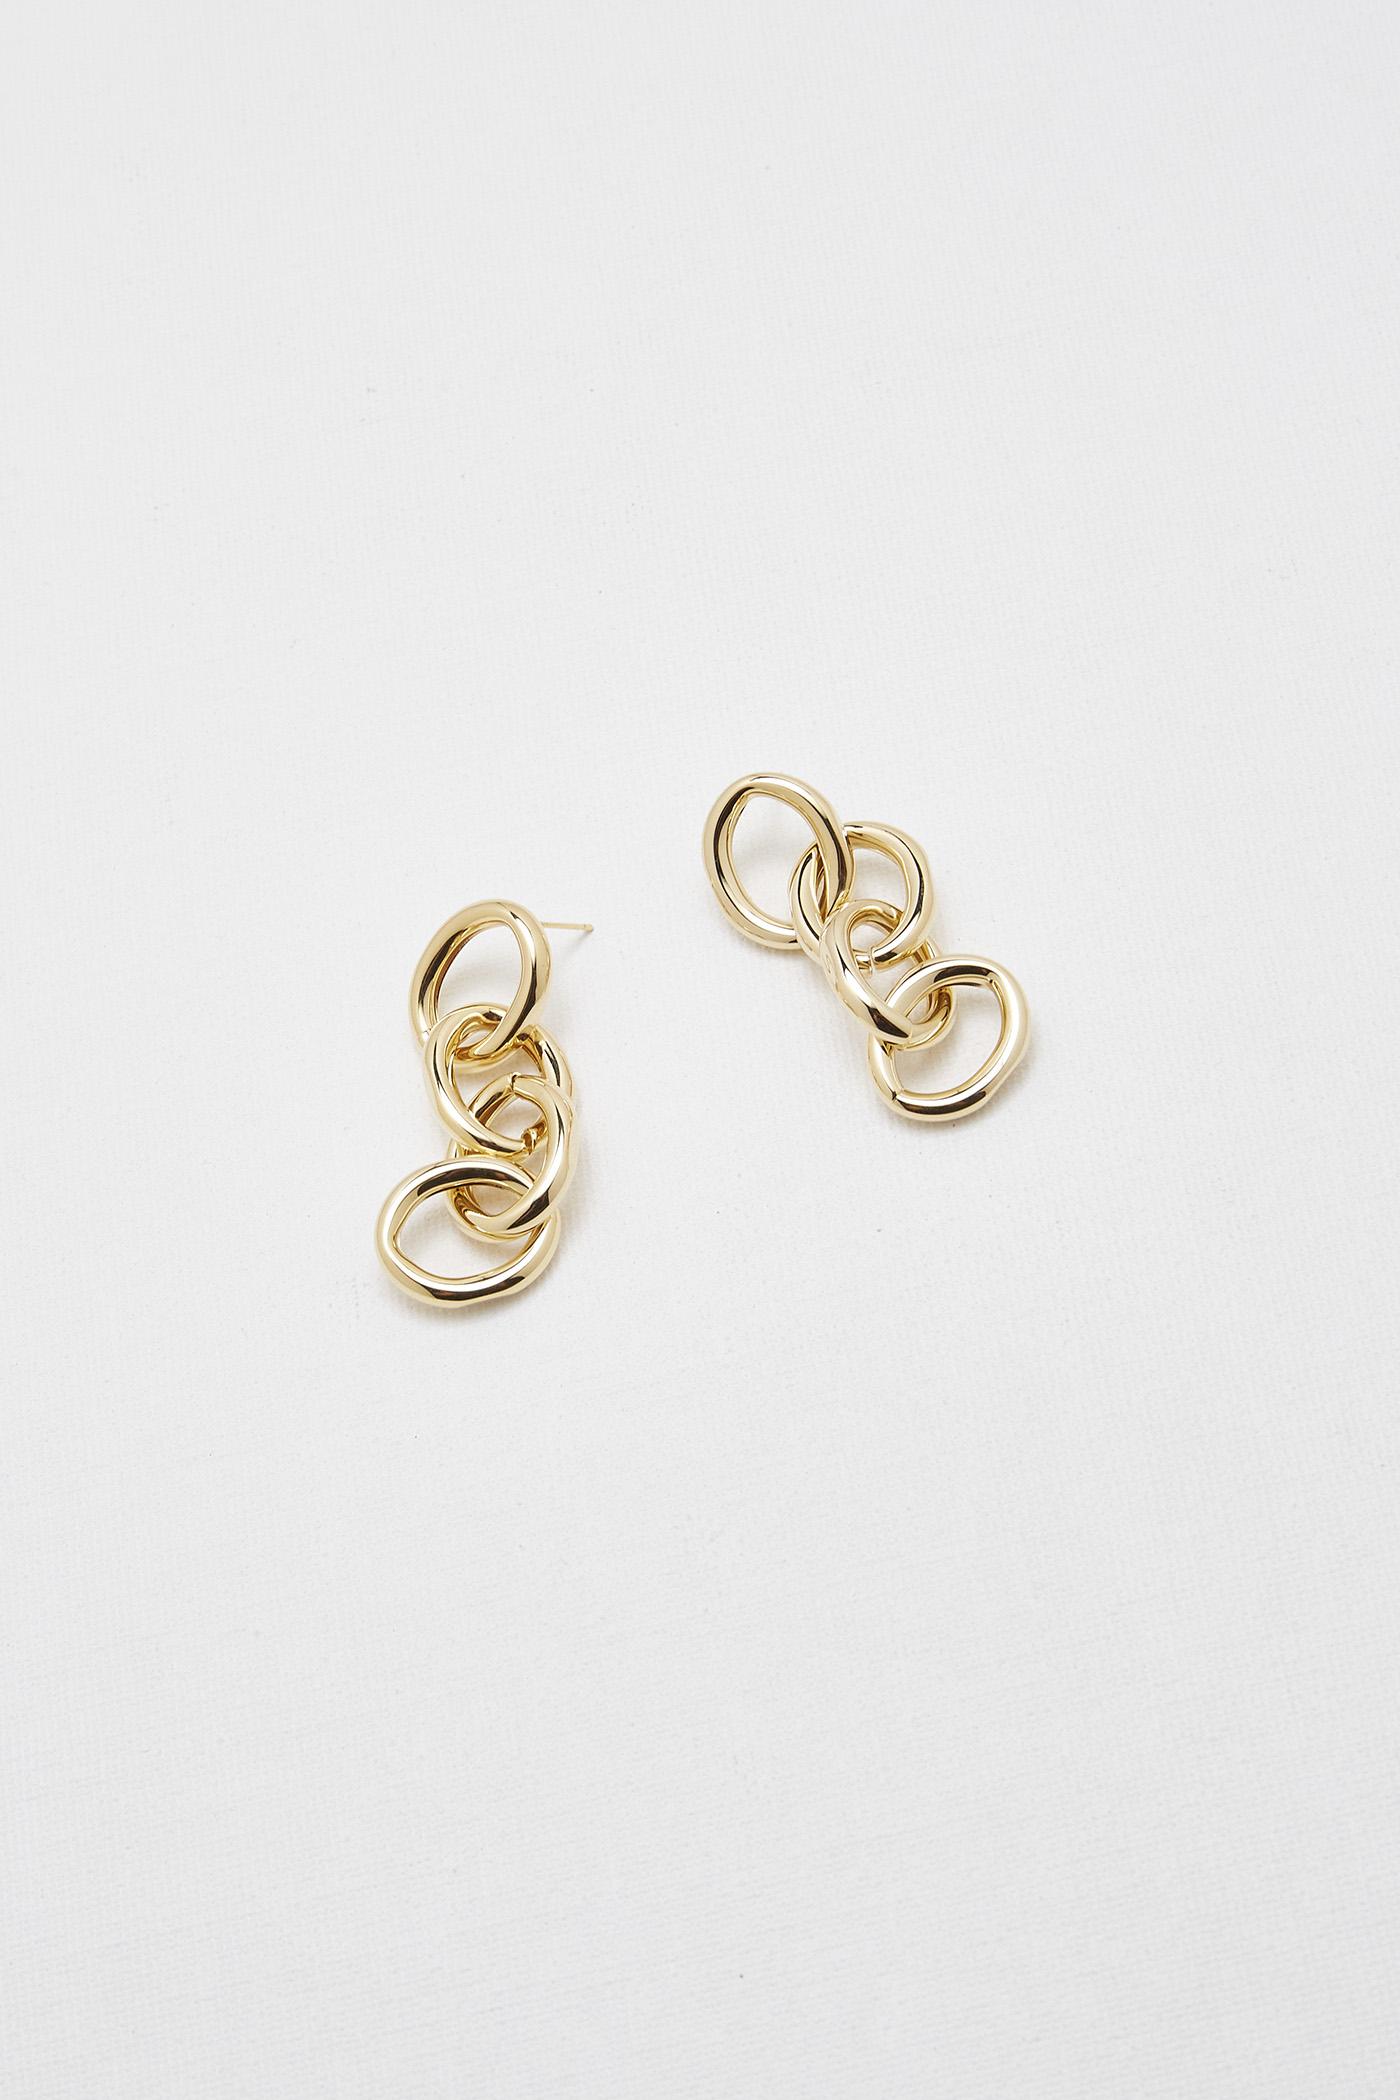 Keira Chain Earrings